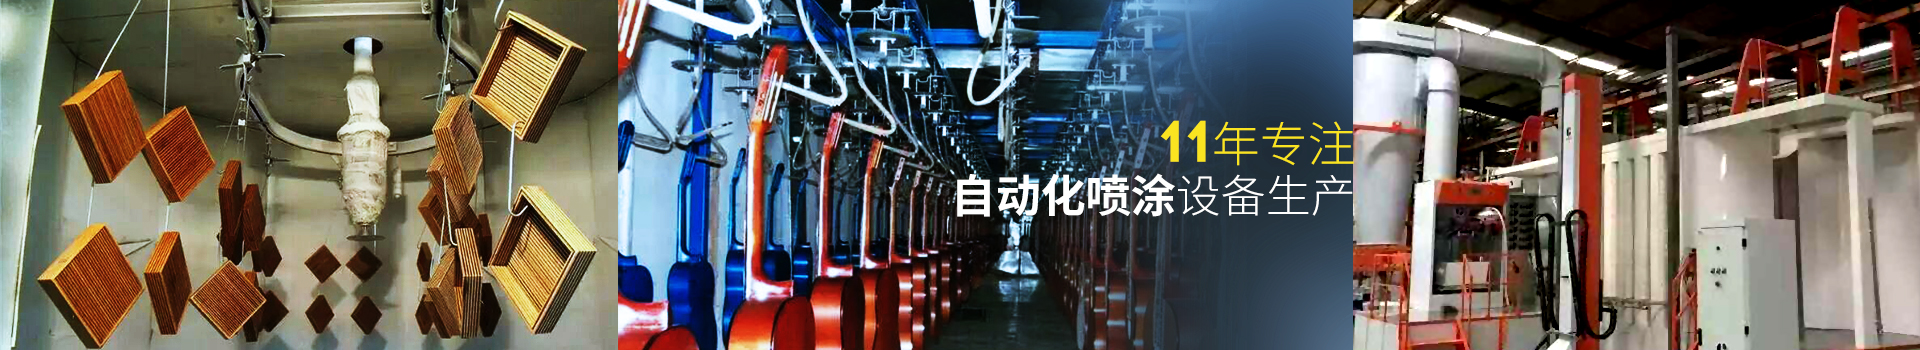 鹏鲲-11年专注自动化喷涂设备生产